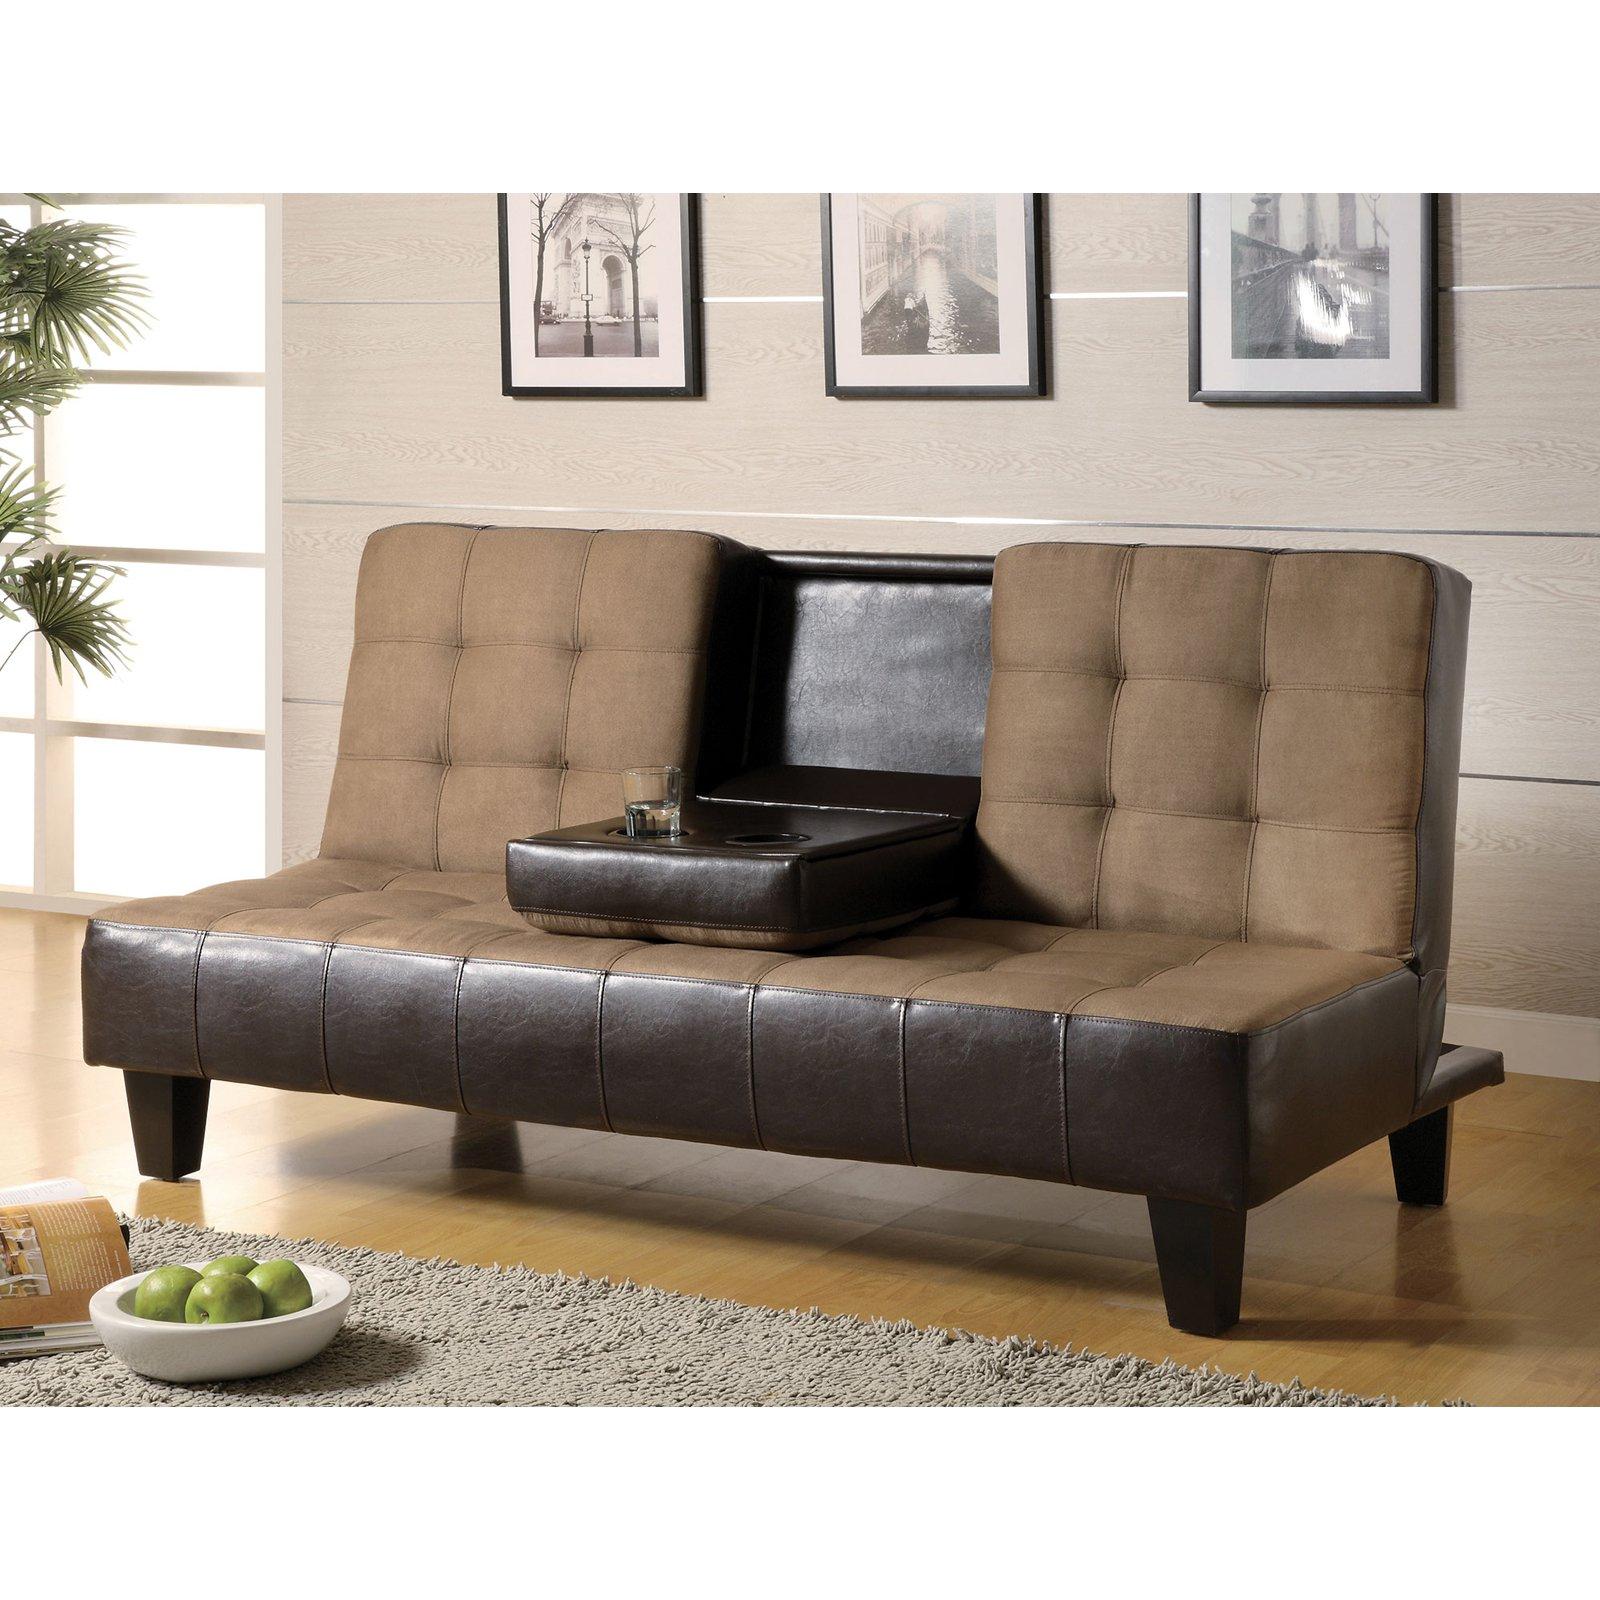 Coaster Kiln-Dried Sofa Bed, Brown